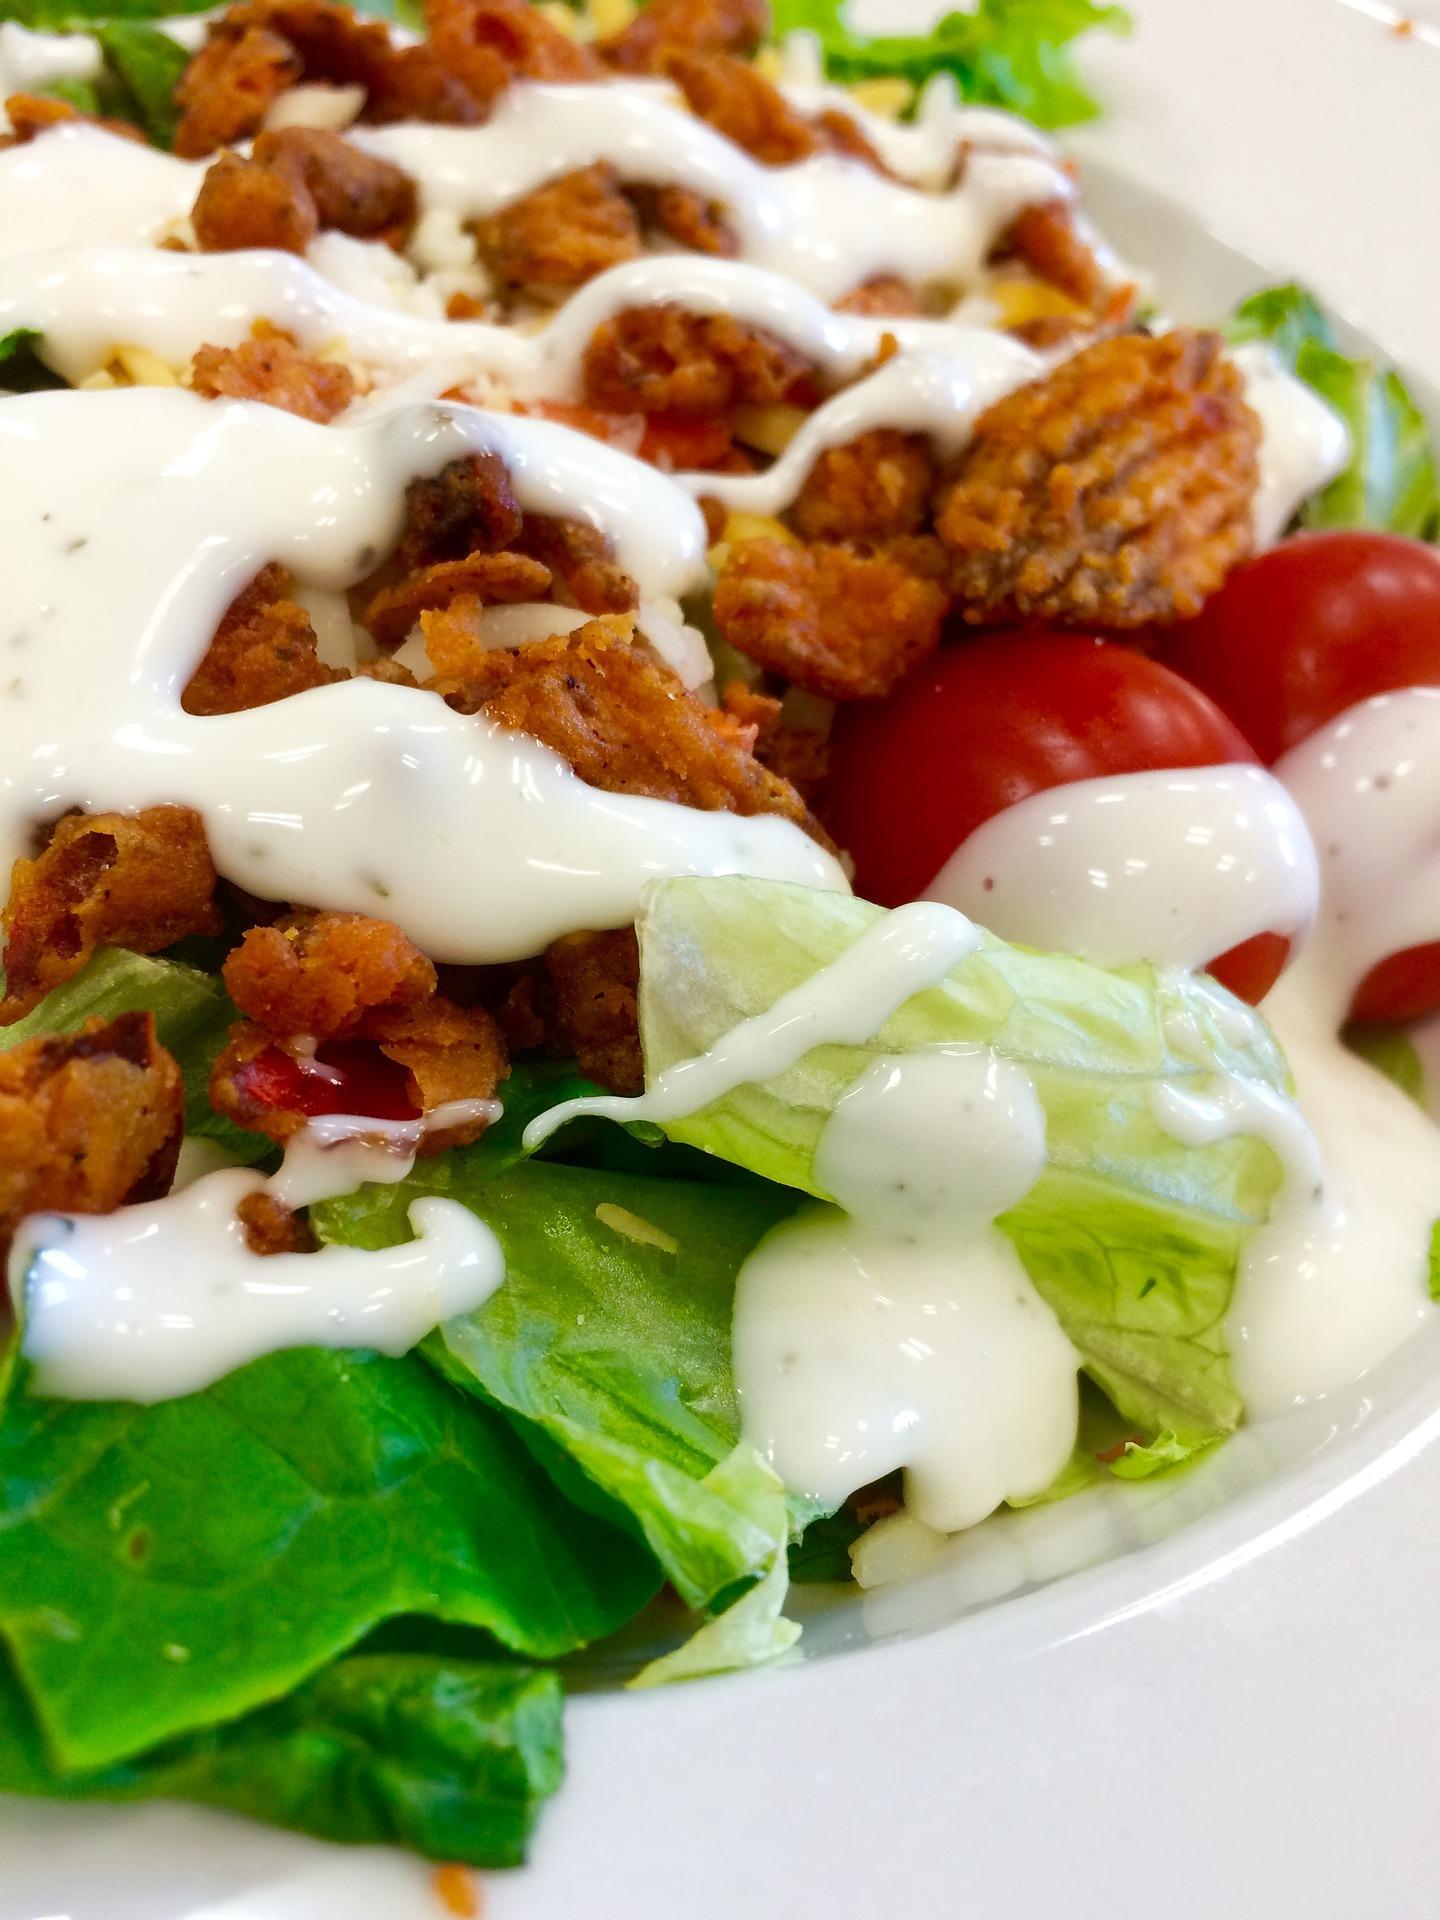 jonakos.gr υλικά για dressing σαλάτα του Καίσαρα αυθεντικό dressing σαλάτας του Καίσαρα Ceasar Salad